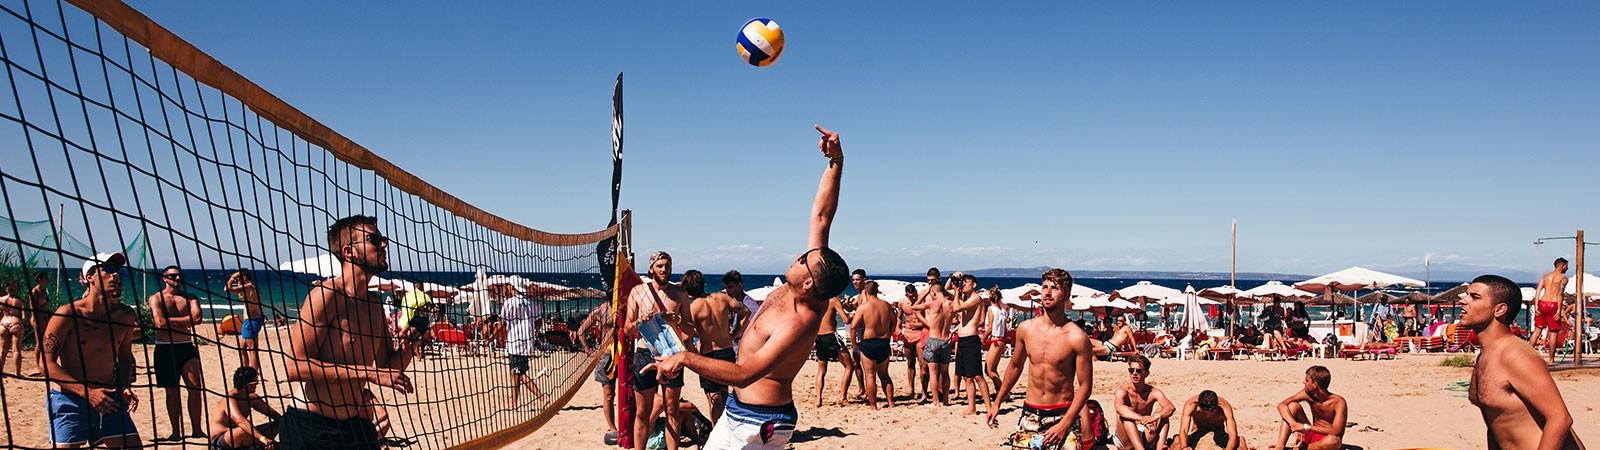 Beach volley e giochi nel viaggio evento a Zante